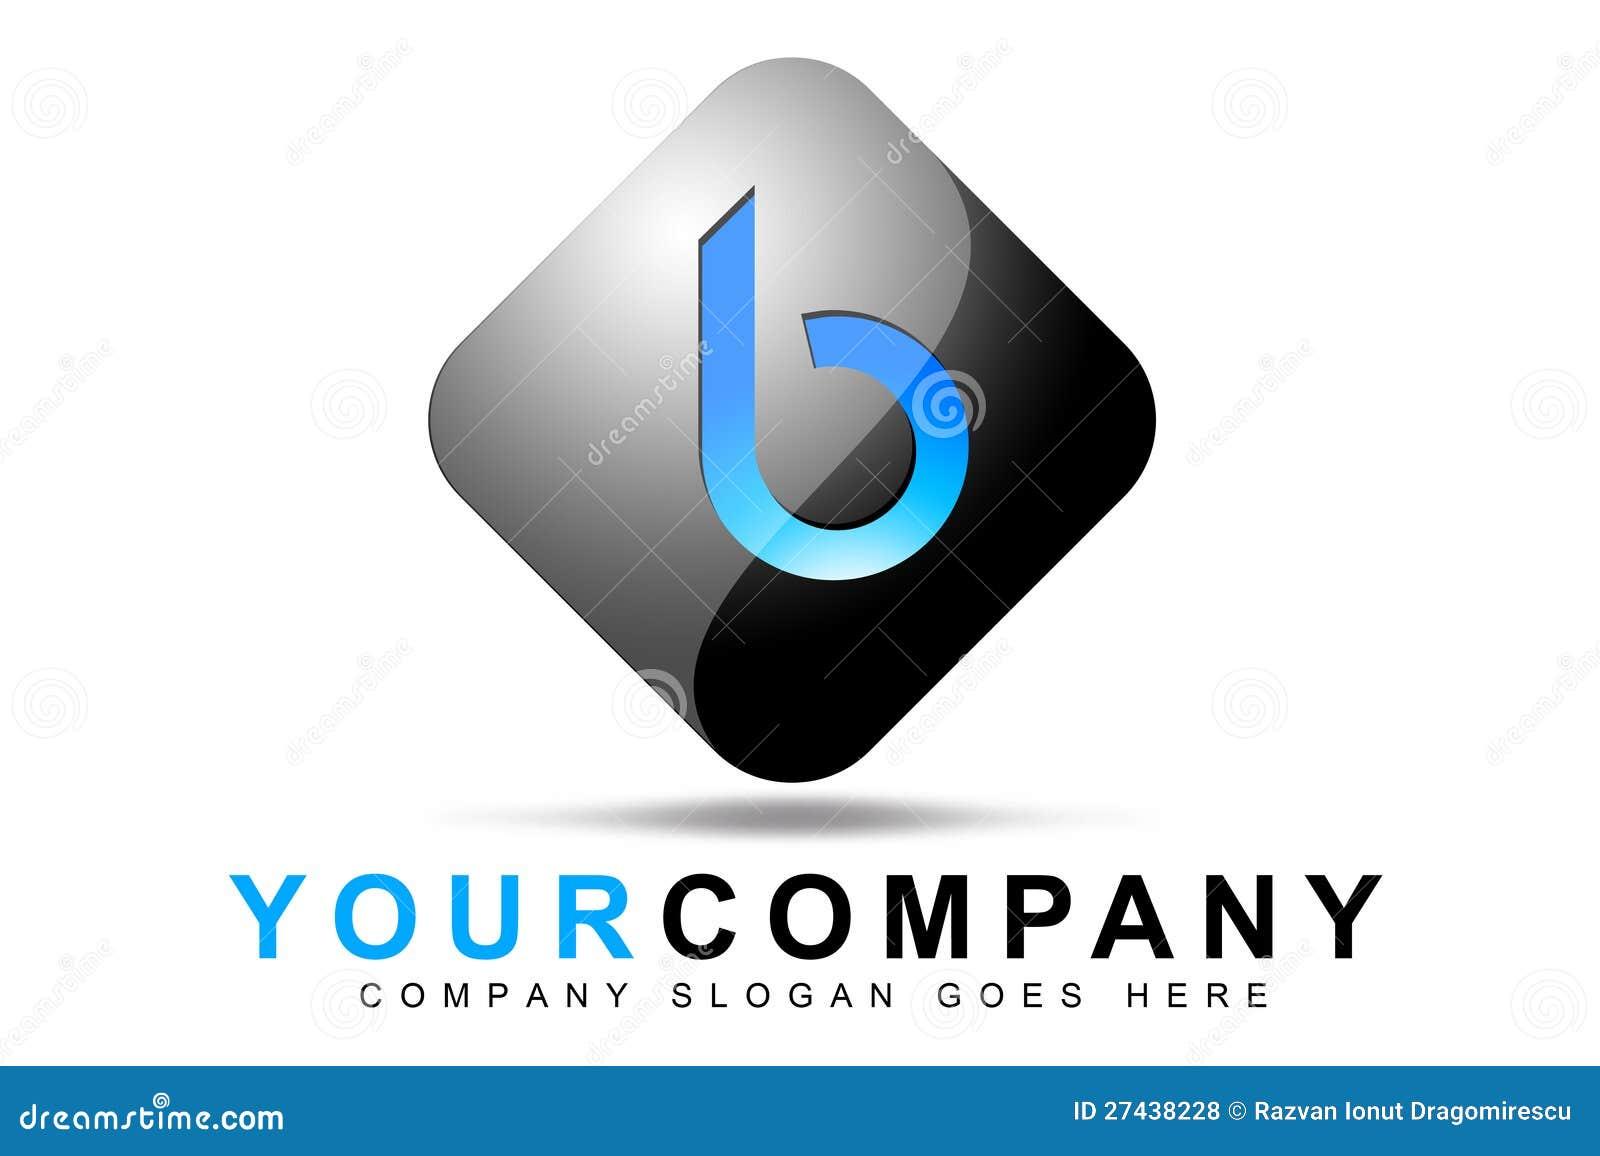 Скачать лого b, бесплатные фото, обои ...: pictures11.ru/skachat-logo-b.html